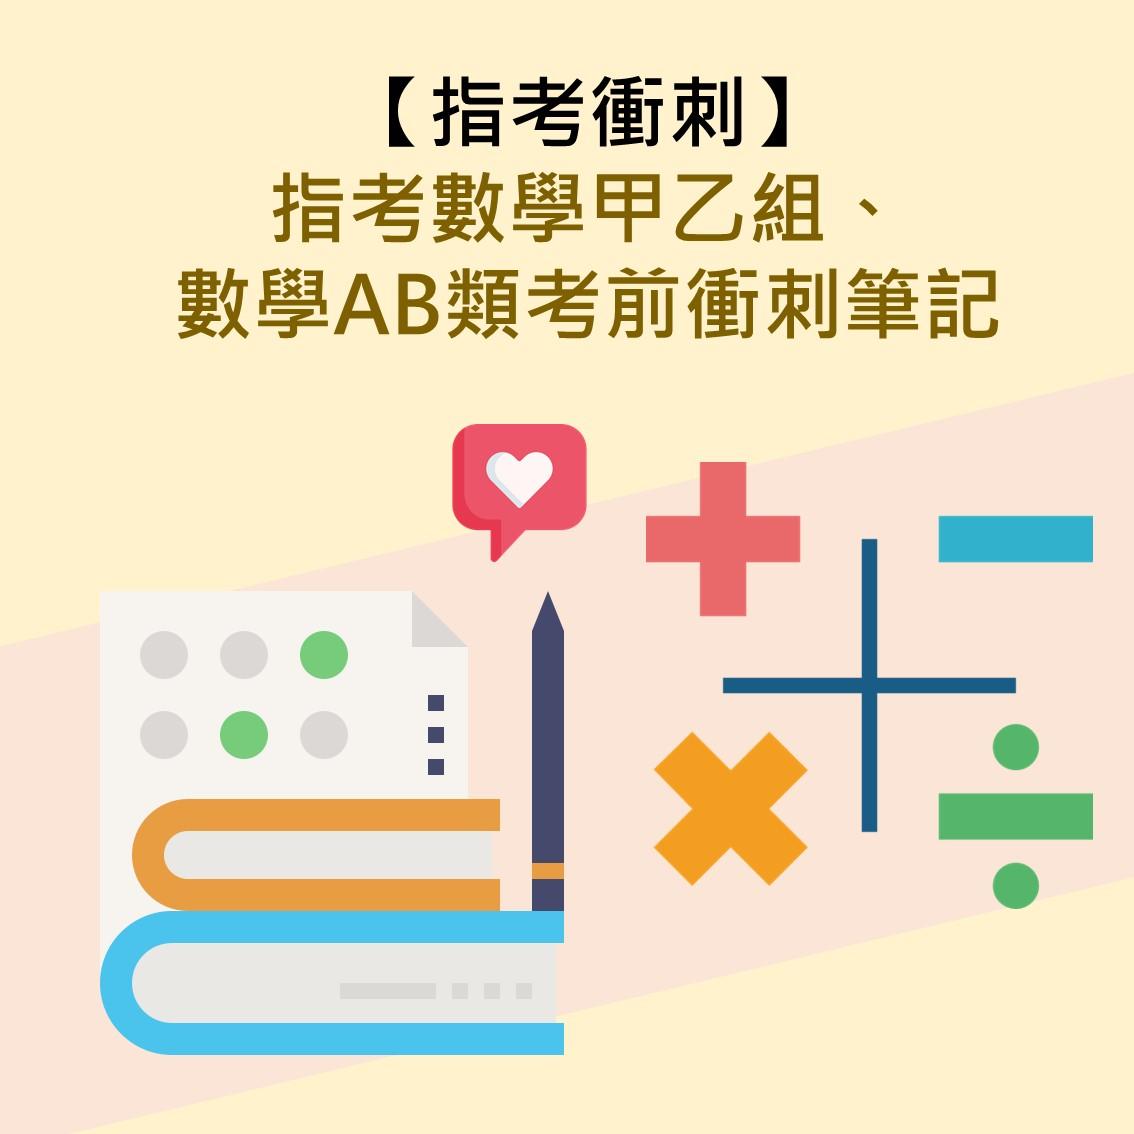 【指考衝刺】指考數學甲乙組、數學AB類考前衝刺筆記